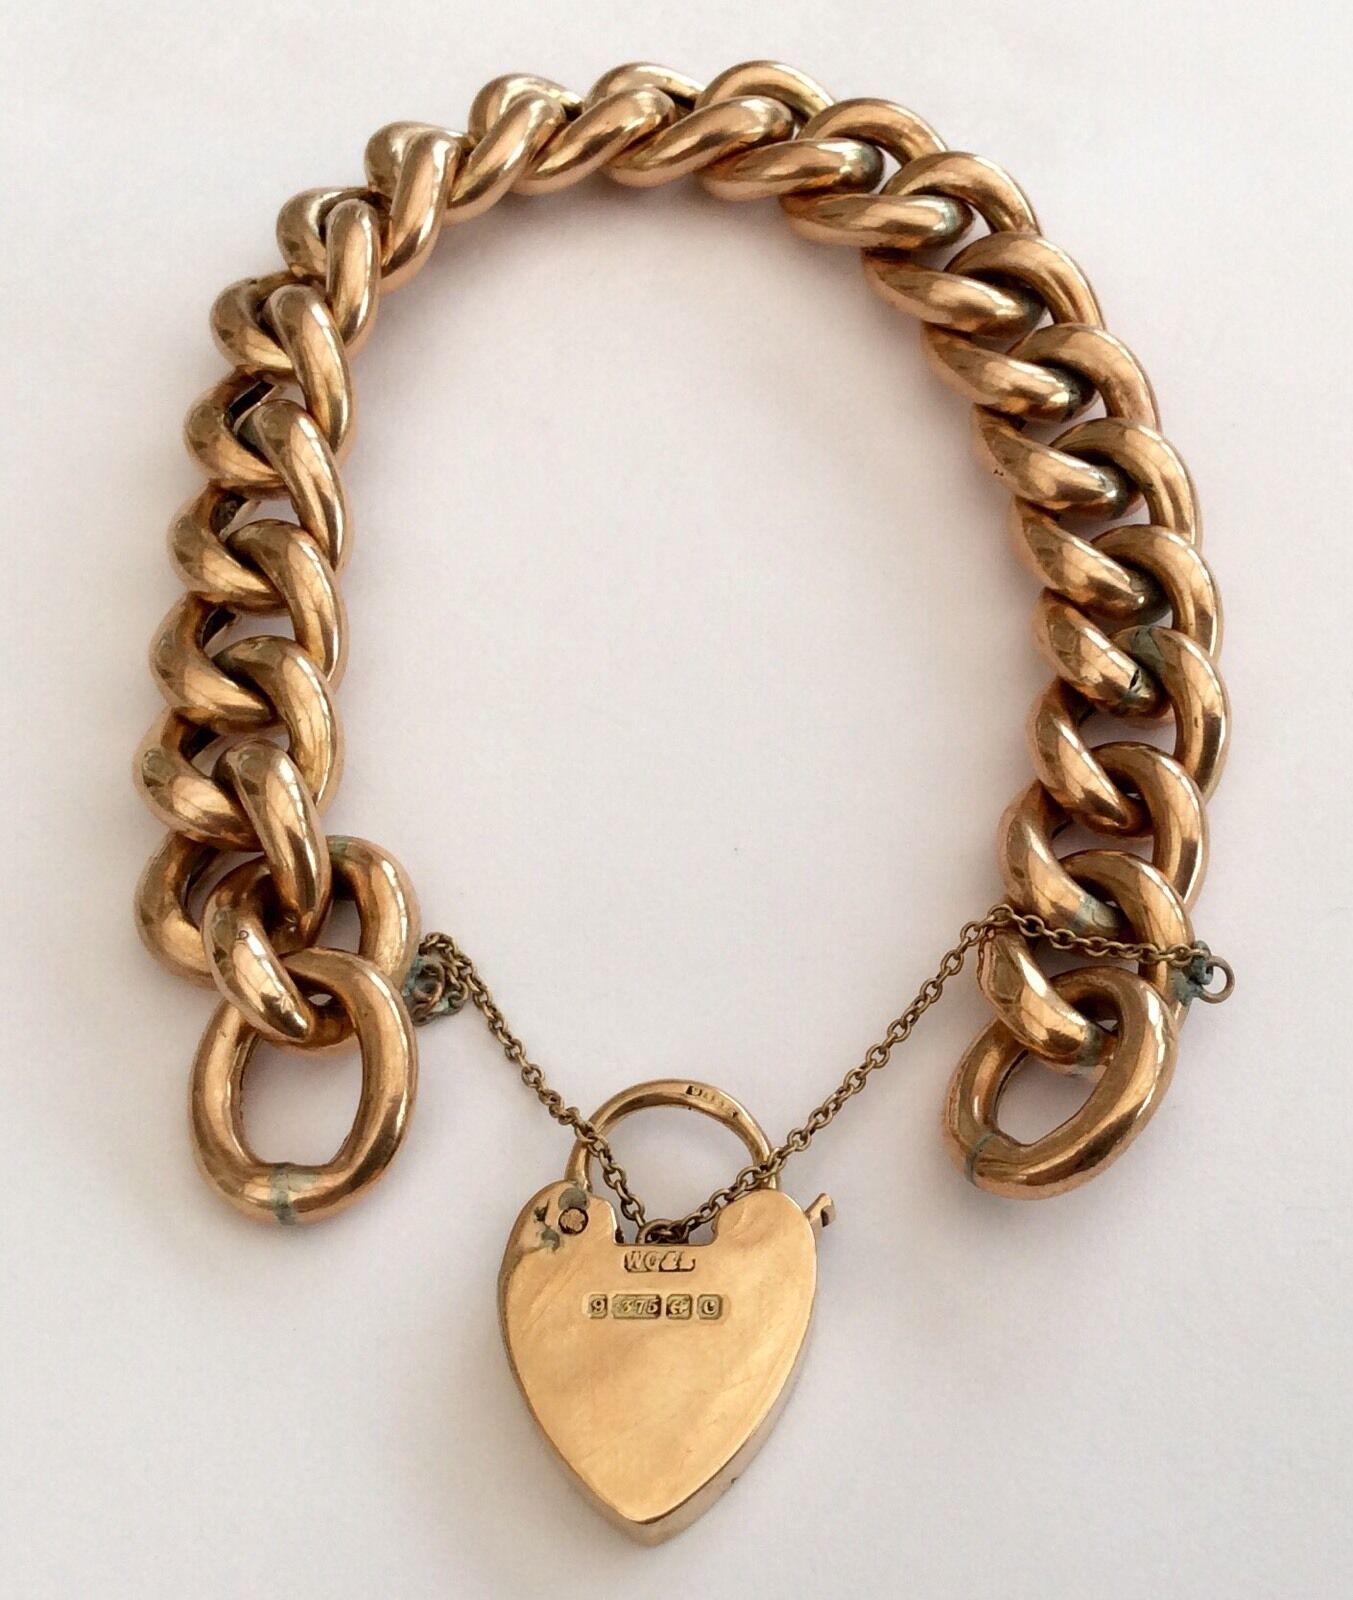 Donna Favoloso Antico Vittoriano cinturino in oro rosa rosa rosa 9ct & Lucchetto 24.7 GRAMMI abfed3